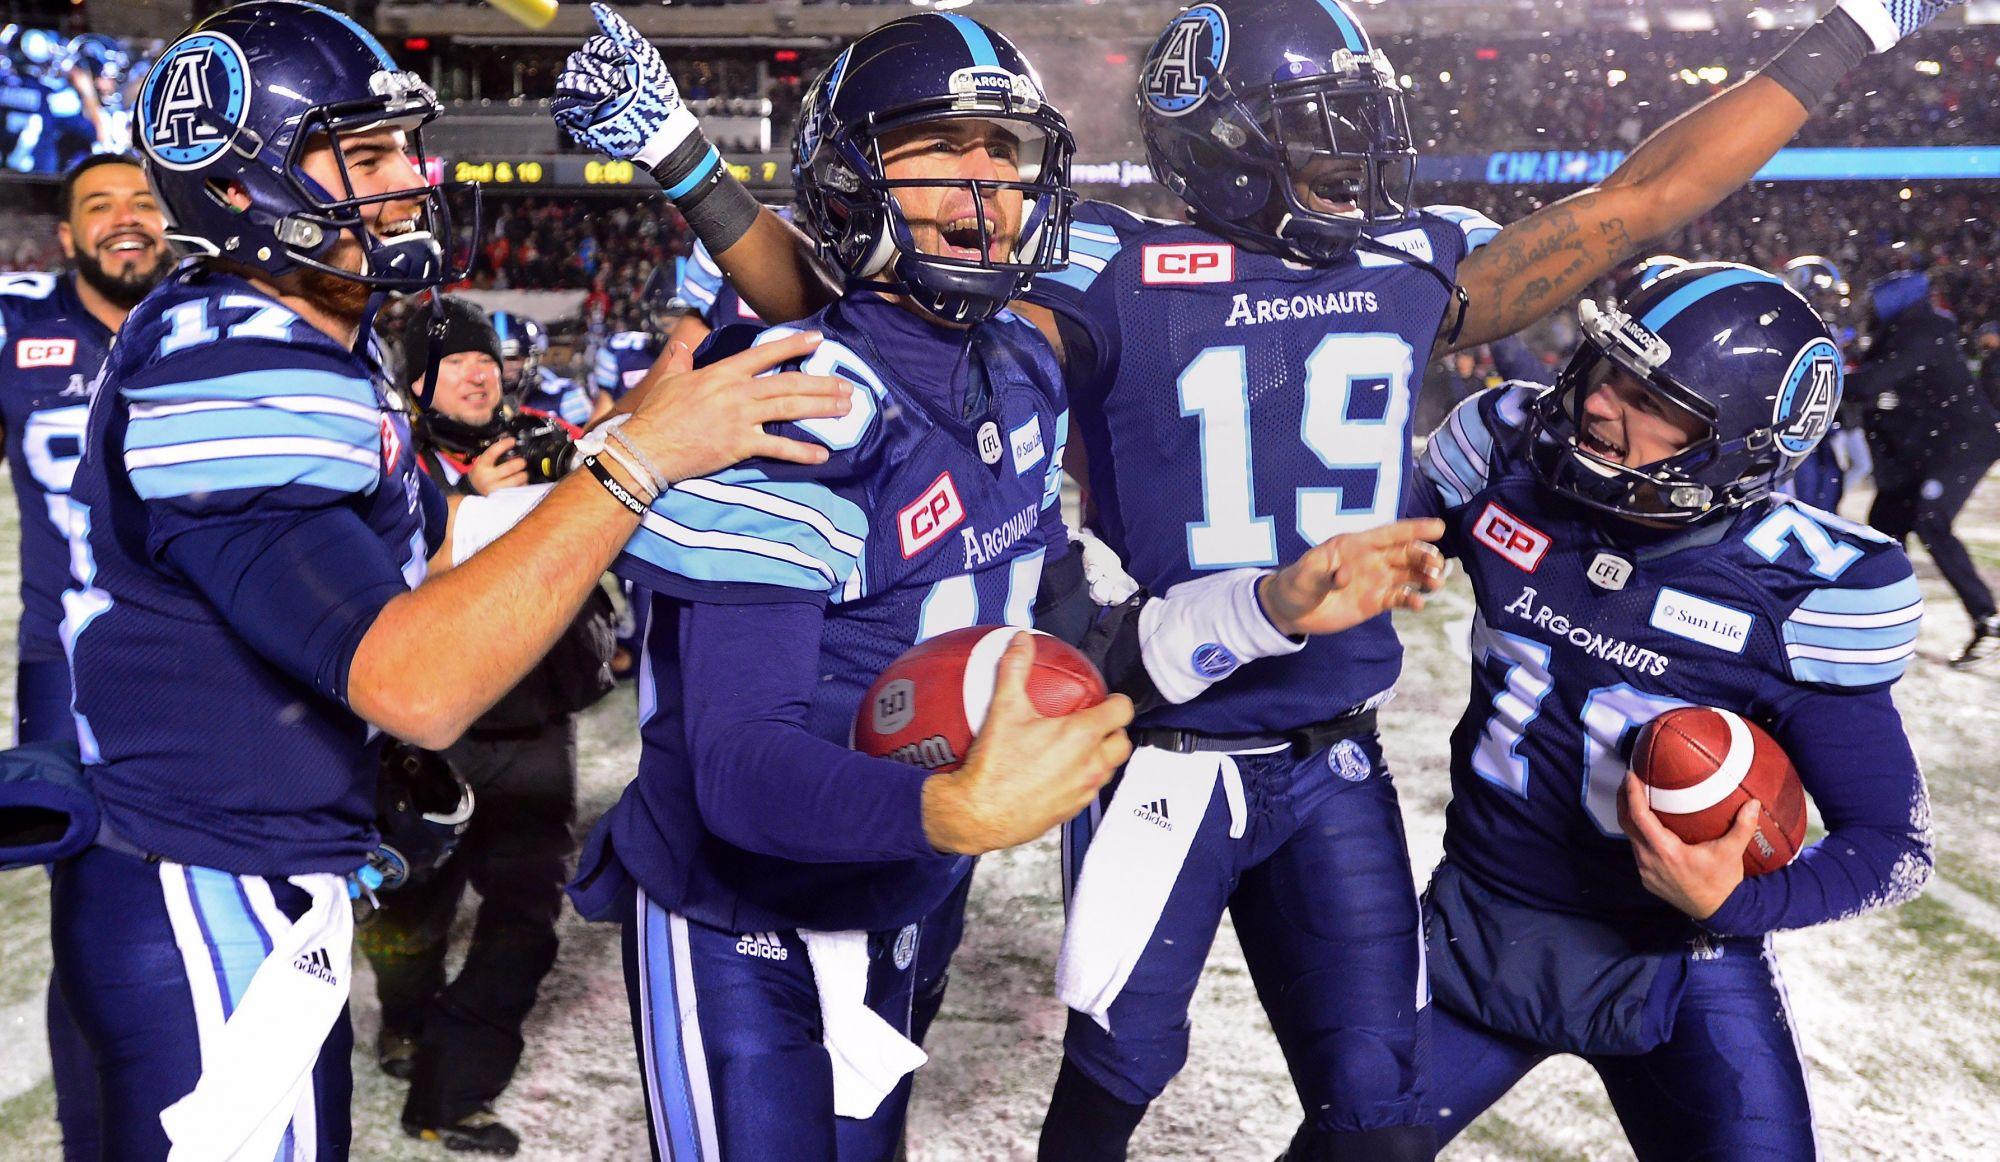 Les Argonauts de Toronto remportent la Coupe Grey (vidéo)